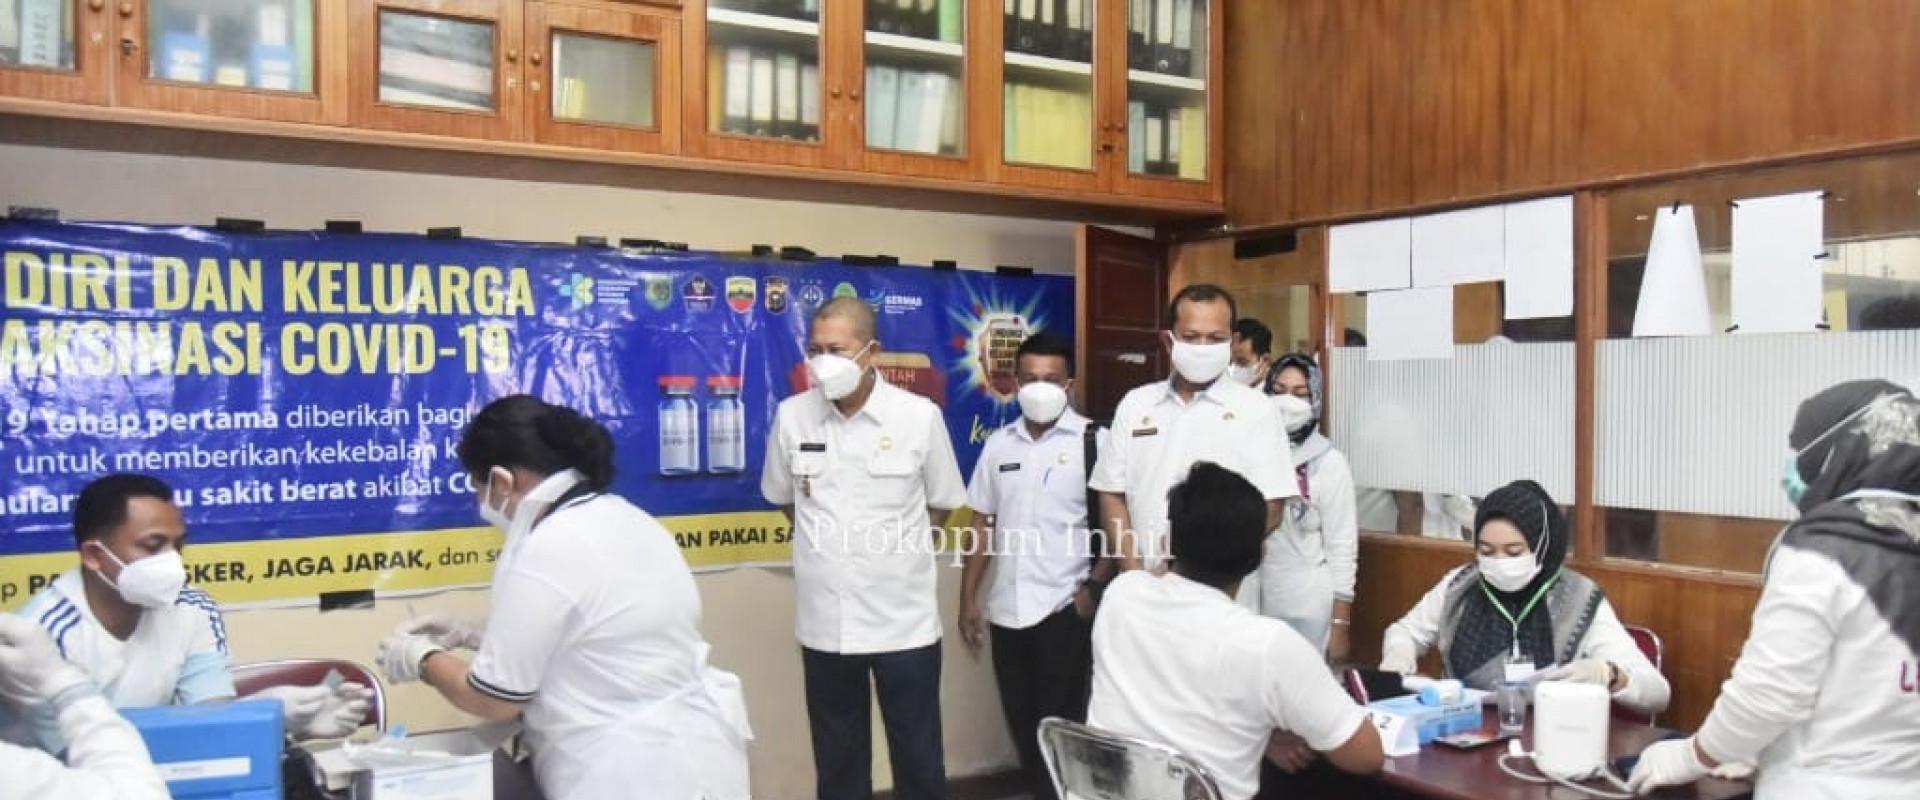 Tinjau pelaksanaan Vaksinasi covid-19 tahap kedua, H.Syamsudin Uti : Sukseskan program pemerintah pusat